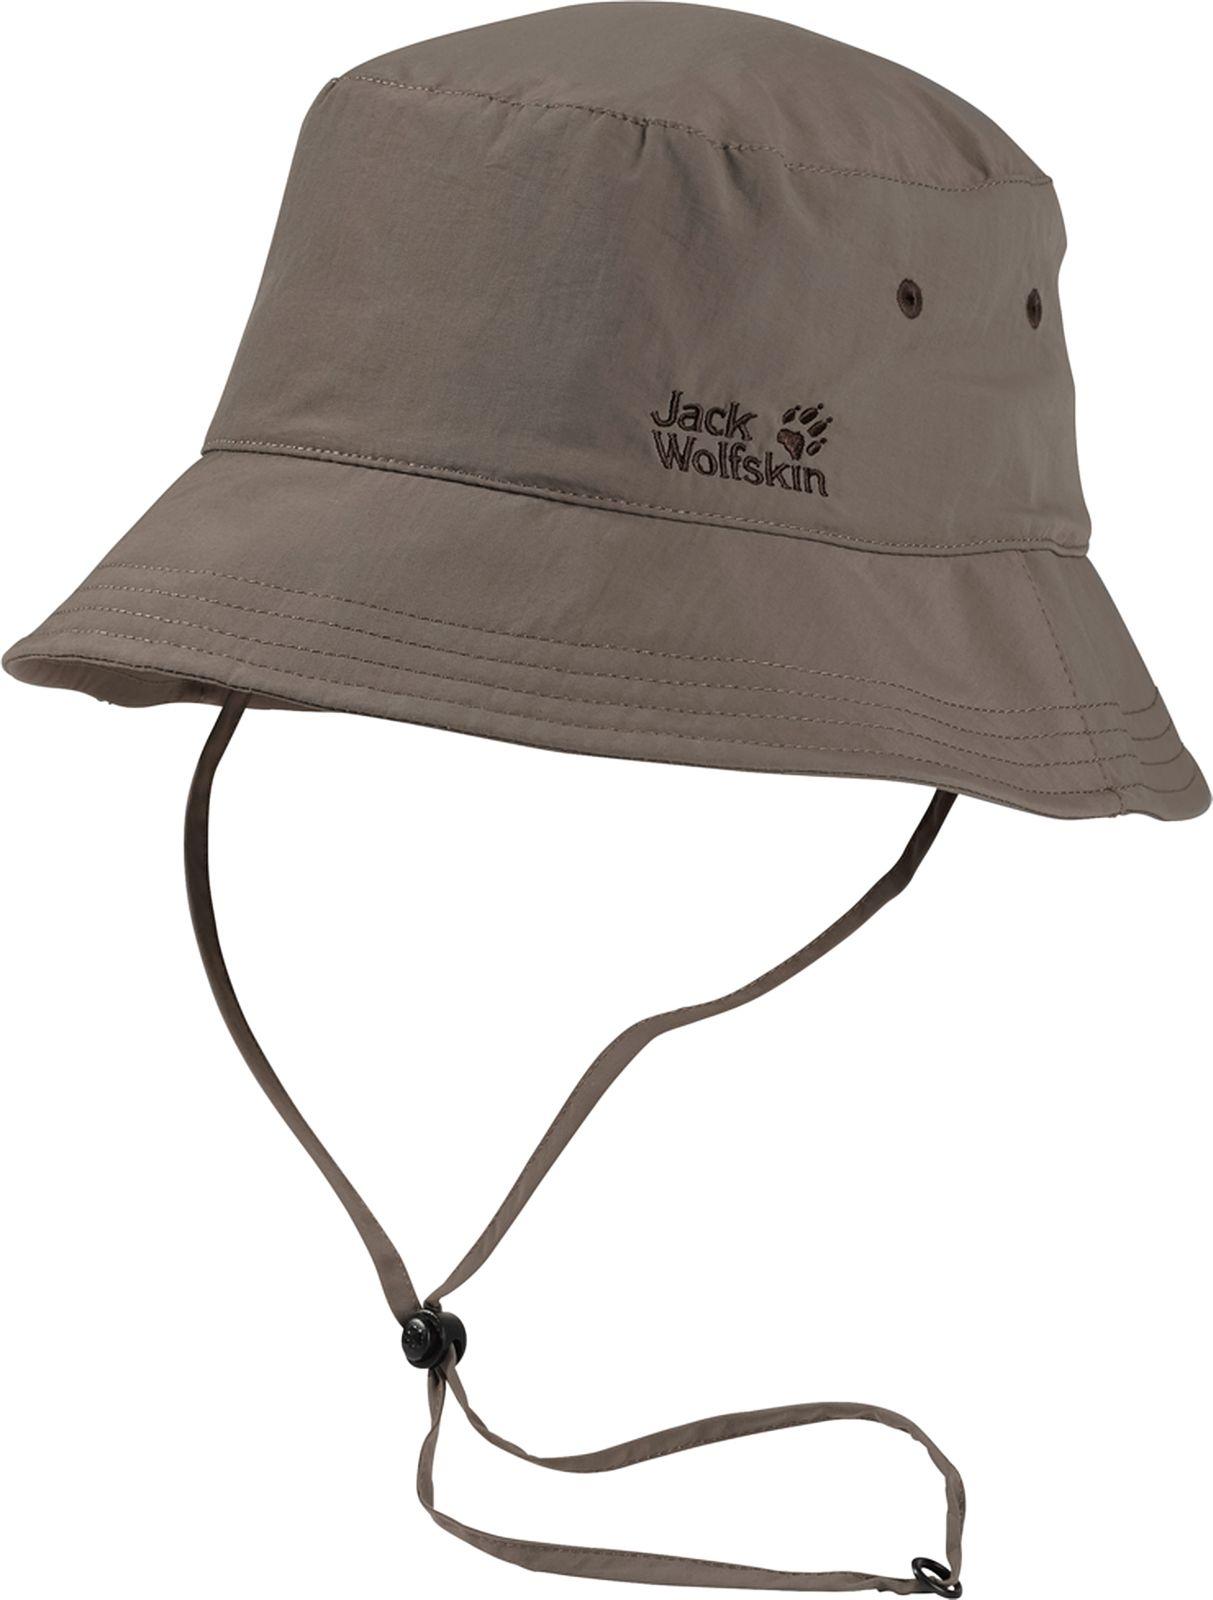 Панама1903391-5017Панама Jack Wolfskin Supplex Sun Hat станет отличным дополнением к вашему гардеробу. Изготовлена из высококачественного материала она хорошо пропускает воздух. Внутри модель дополнена сетчатой вставкой. Панама с высоким солнцезащитным фактором дополнена текстильным шнурком с пластиковым фиксатором, что обеспечивает лучшую фиксацию на голове. На модели предусмотрены вентиляционные отверстия. Оформлено изделие вышивкой в виде логотипа бренда. Такая панама отлично защитит вашу голову от солнца.